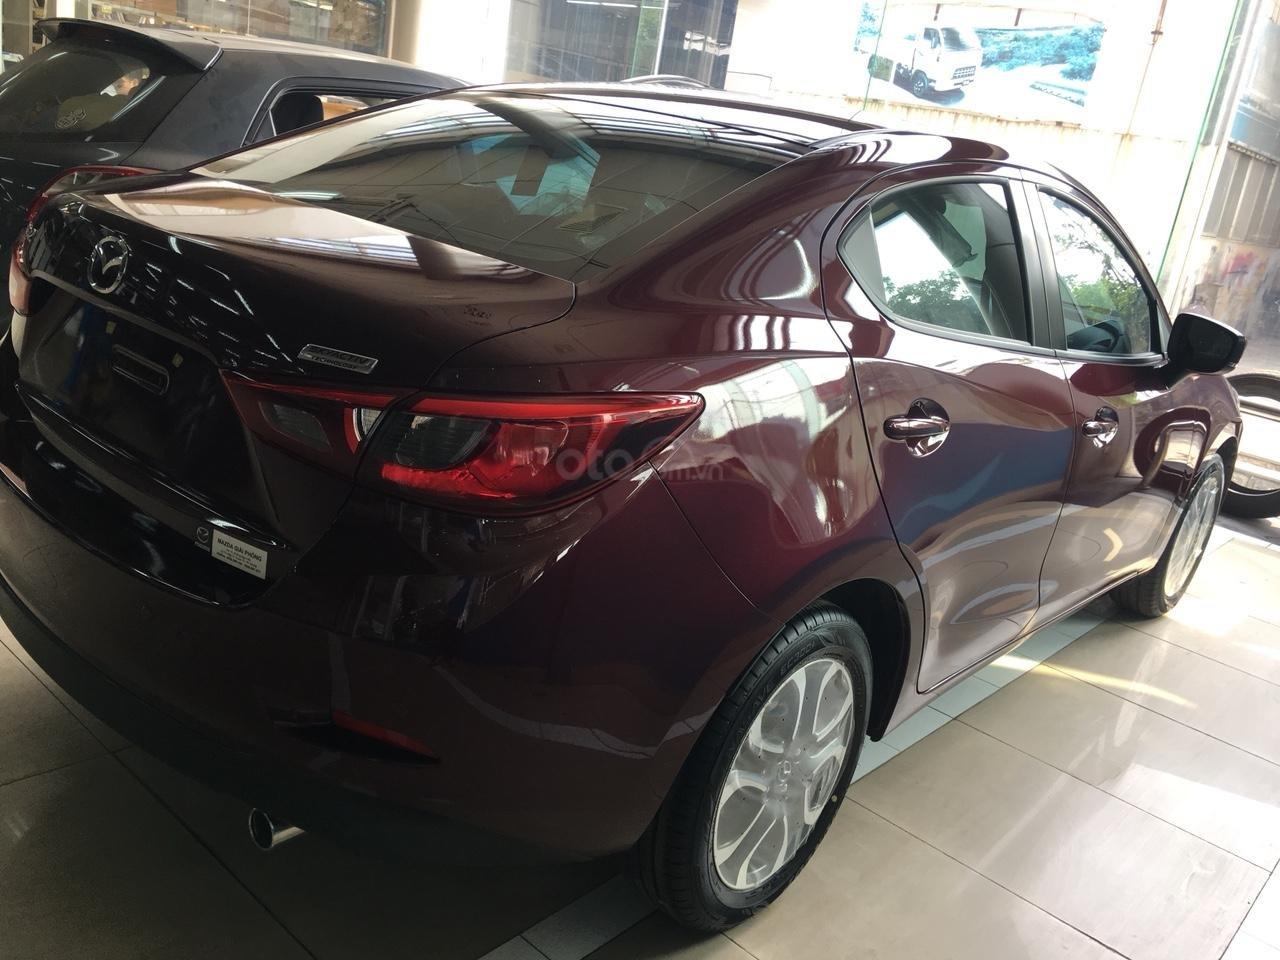 Mazda Hà Đông bán xe Mazda 2 đủ màu, đủ phiên bản giao ngay - LH: 0944601785 để nhận thêm ưu đãi-9